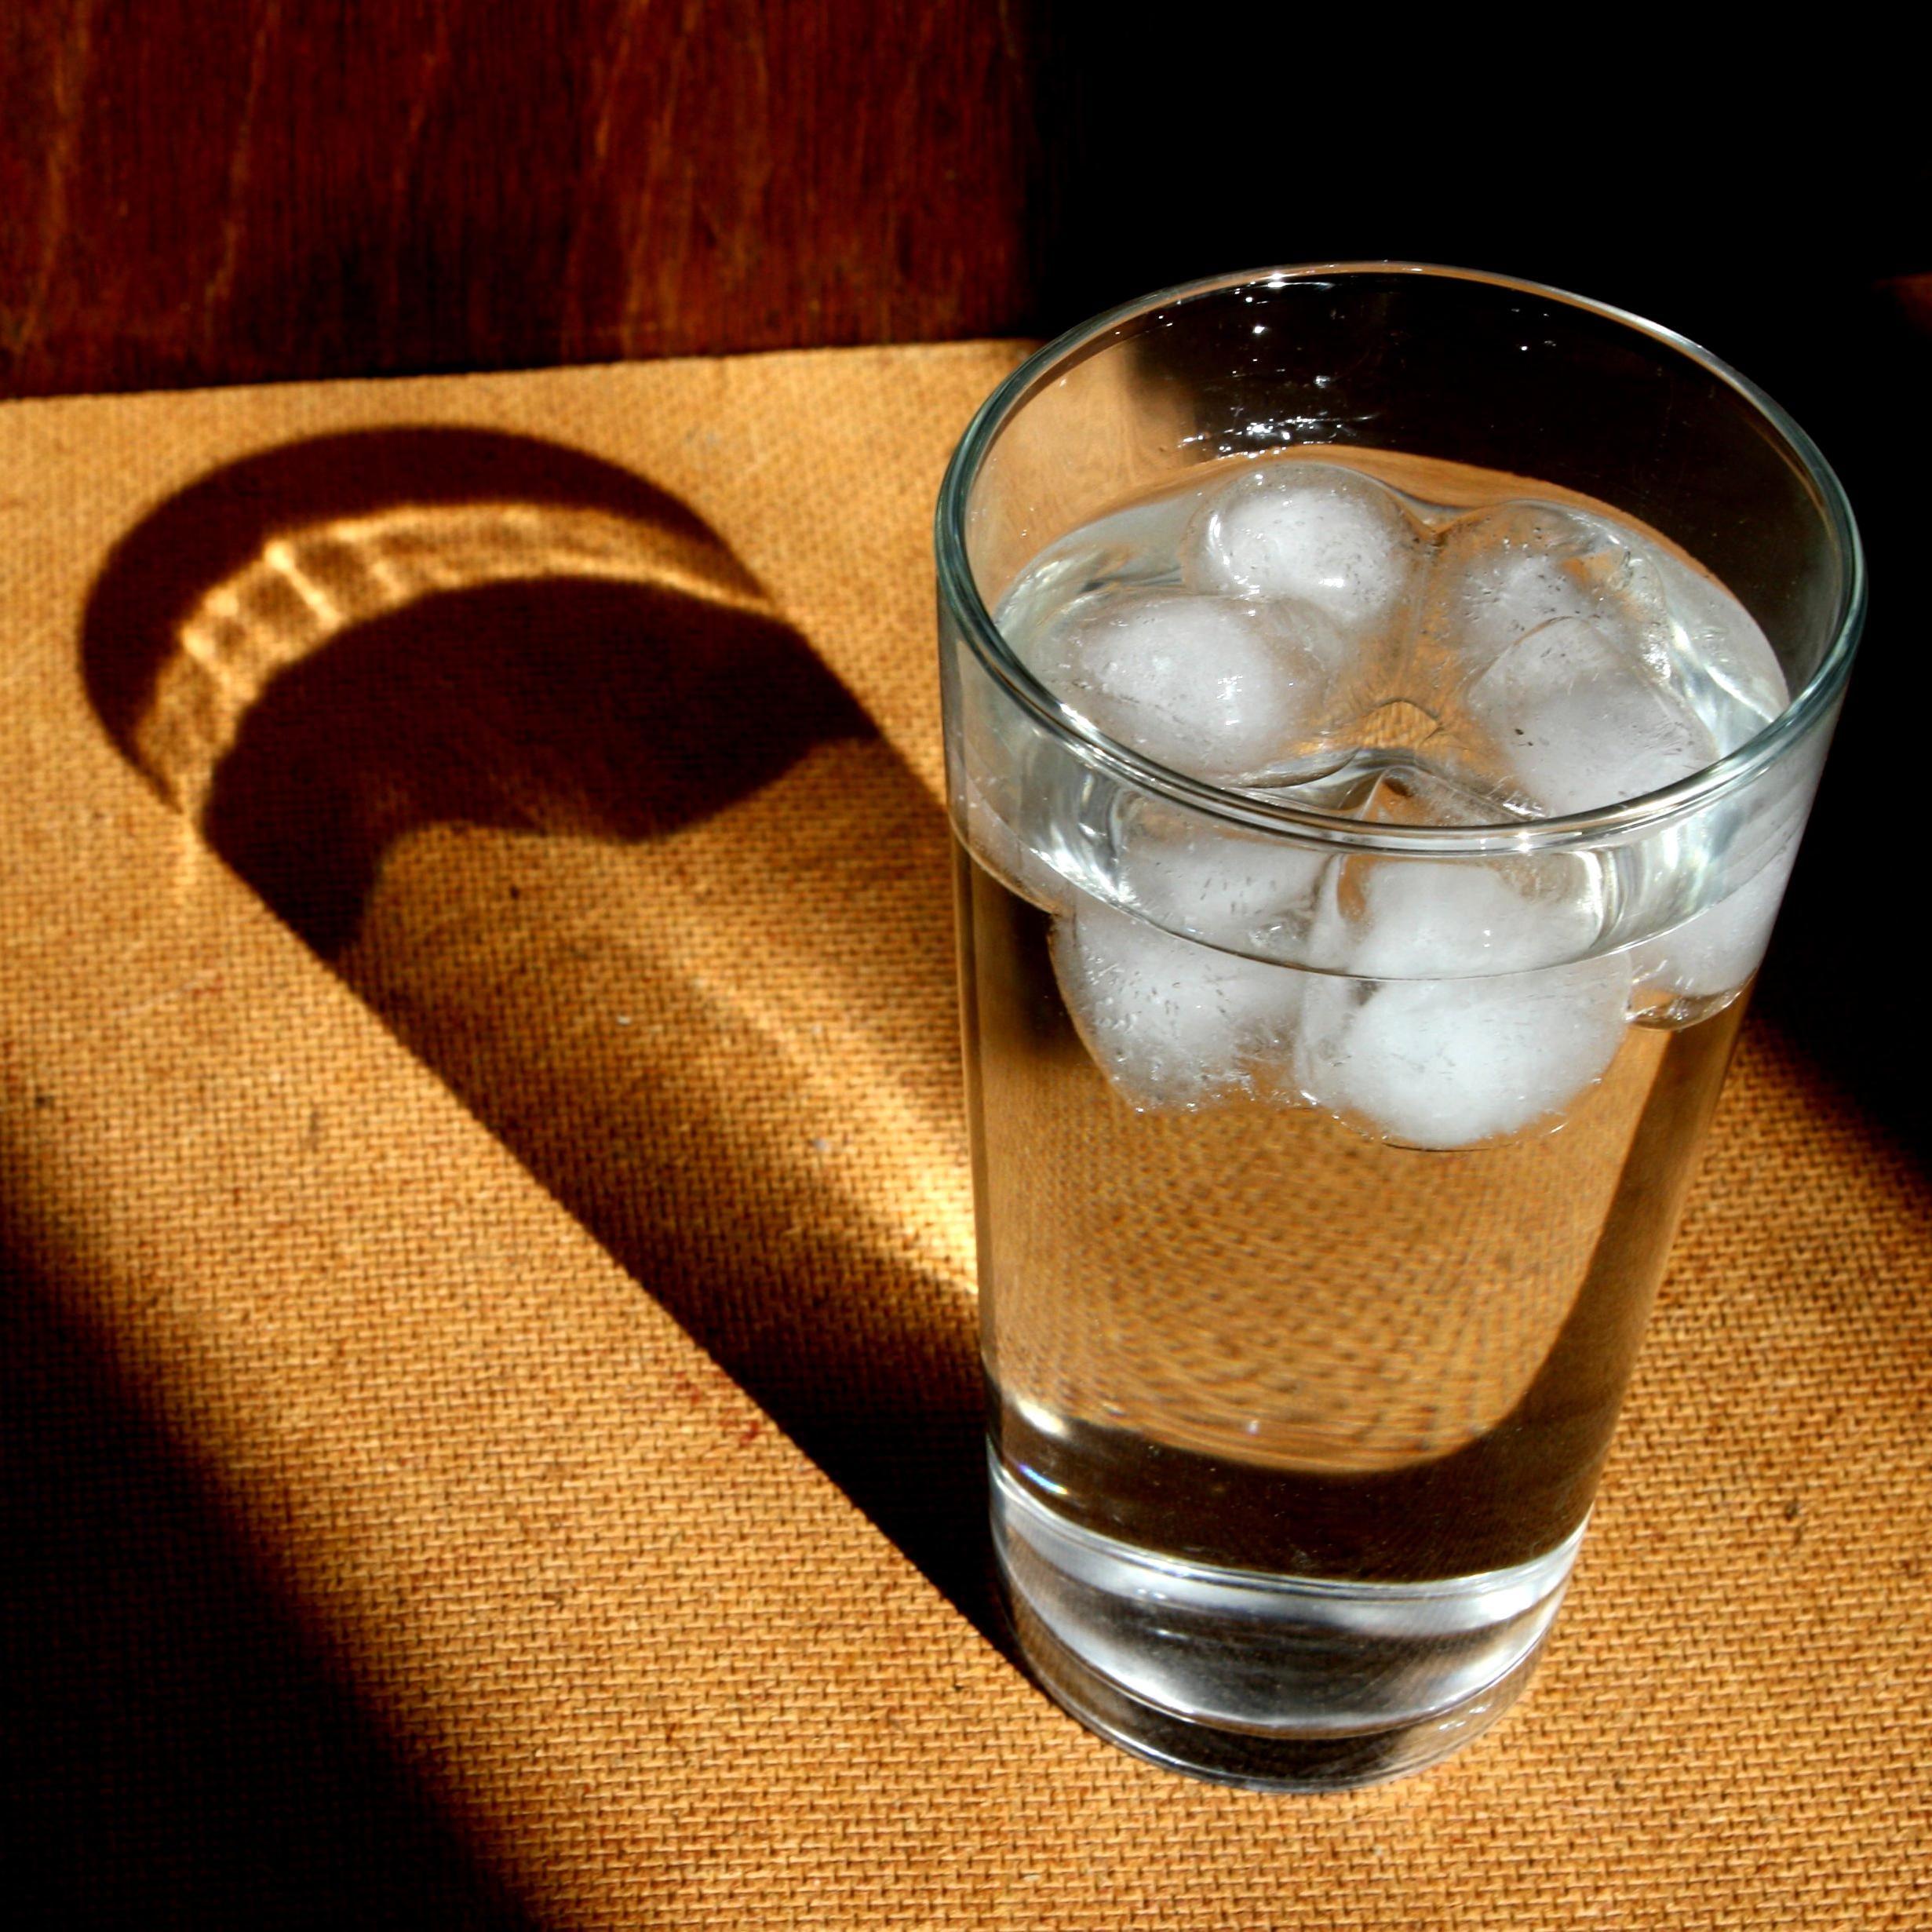 Foto gratis: vetro, pietre di ghiaccio, acqua, raggio di sole